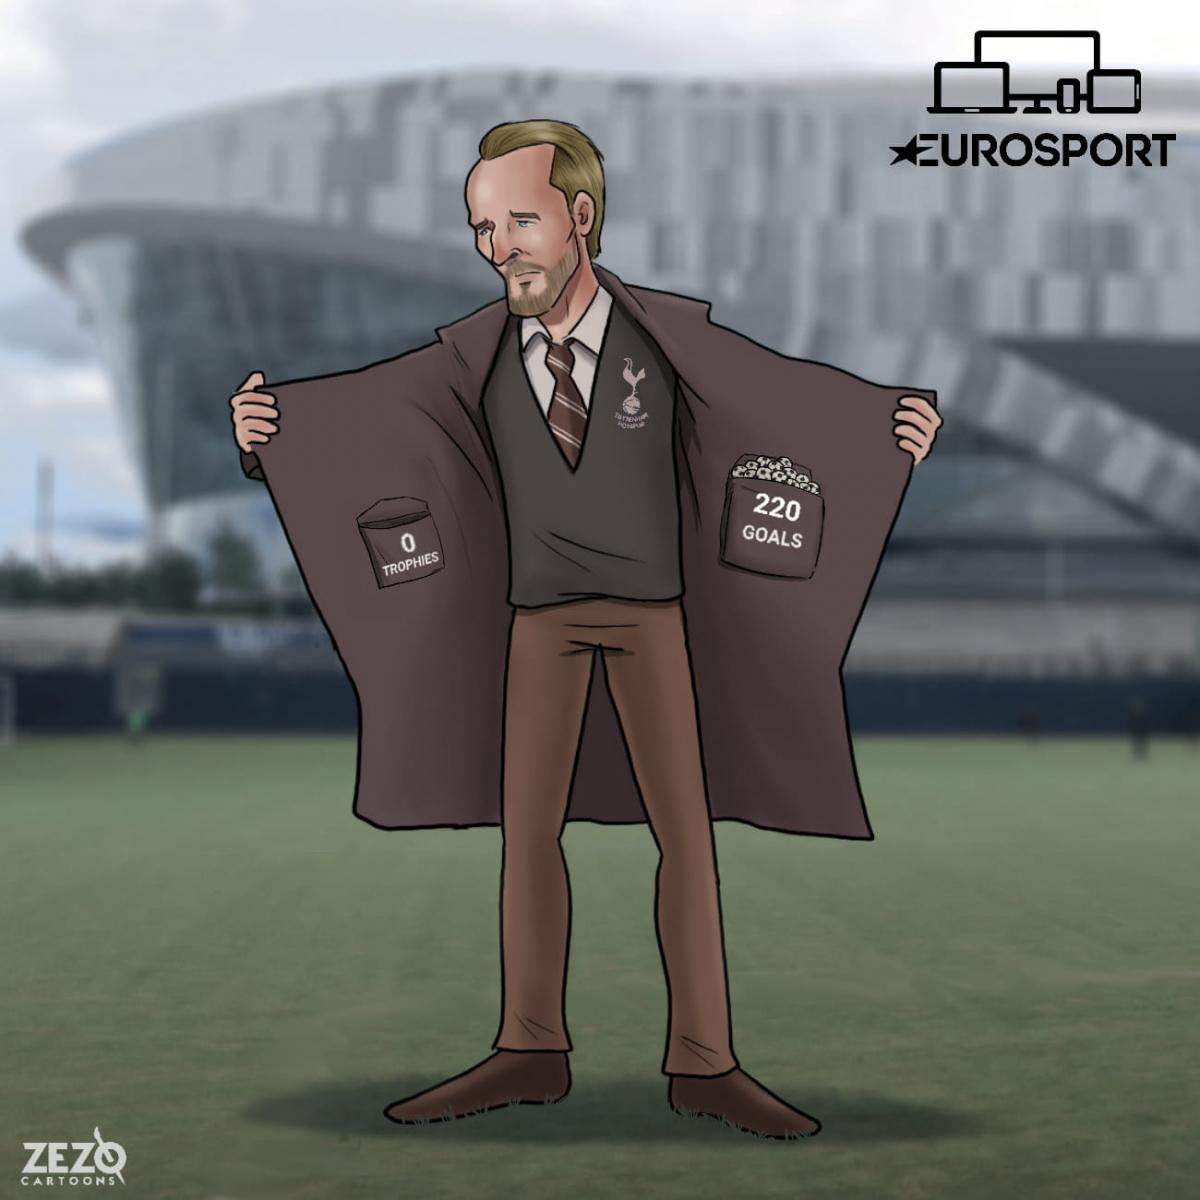 Đã đến lúc Harry Kane phải rời Tottenham để tìm bến đỗ mới. (Ảnh: Zezo Cartoons).